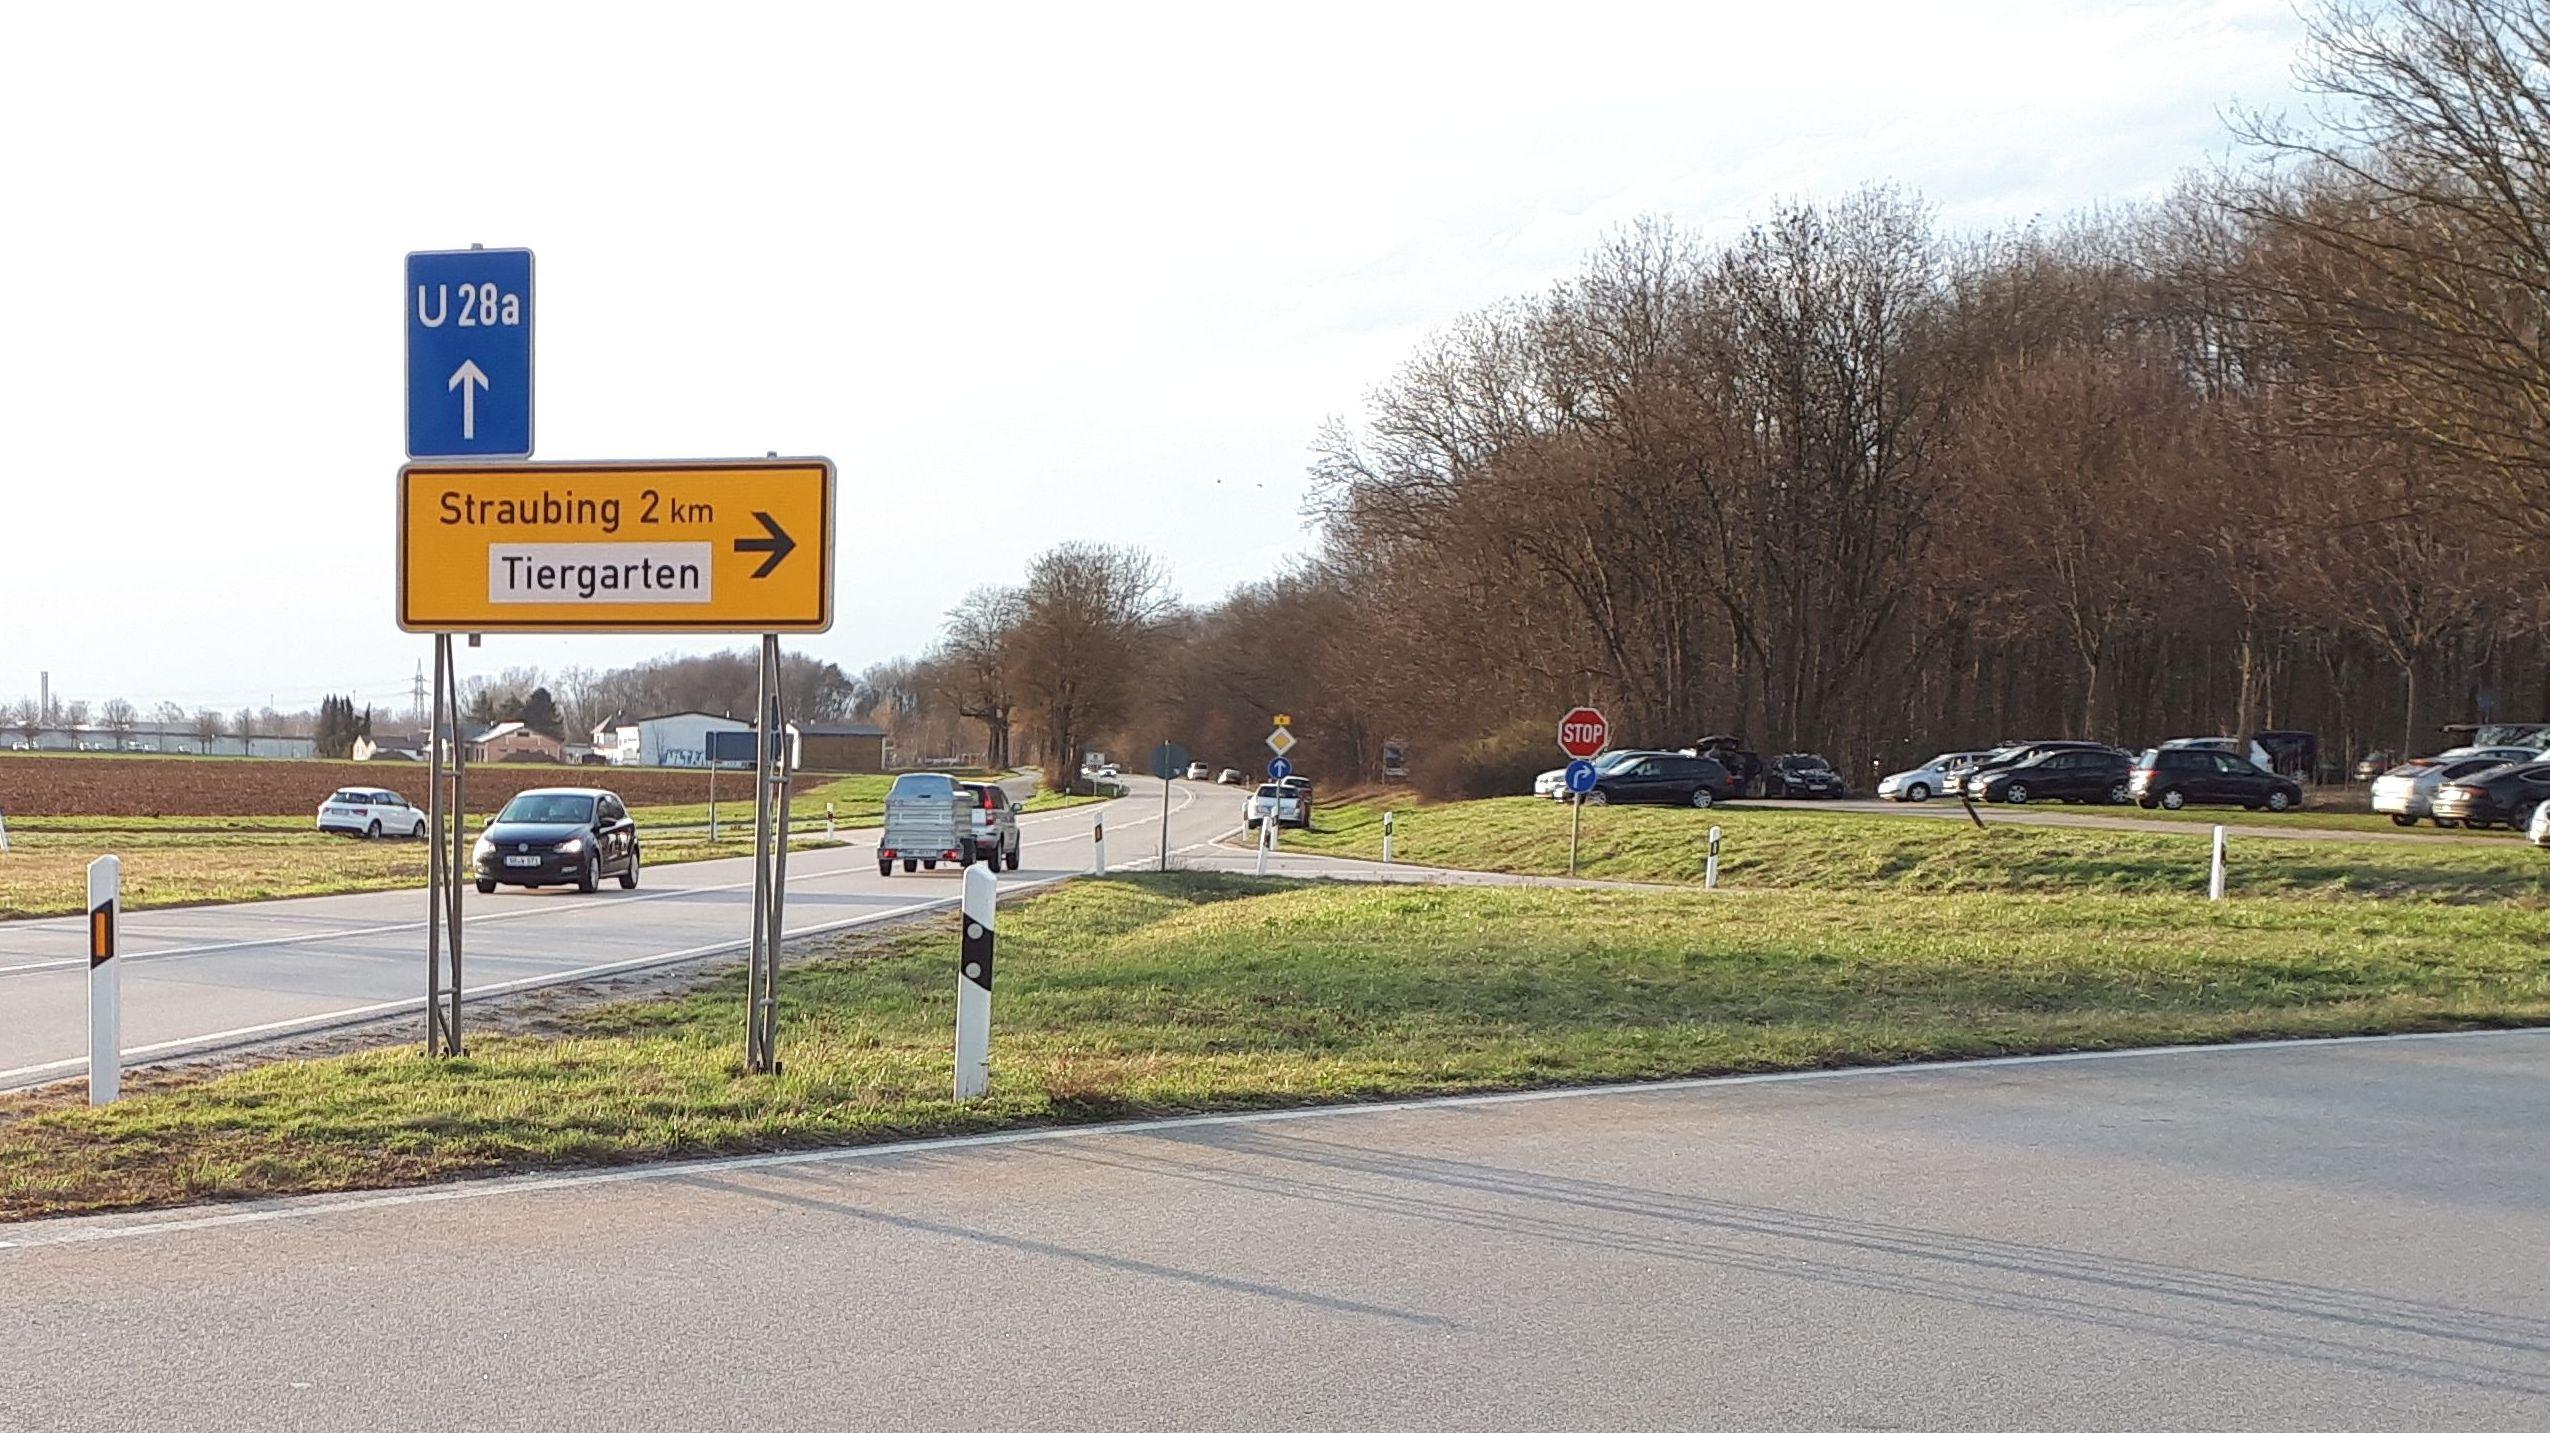 Straßenschild zum Tiergarten Straubing